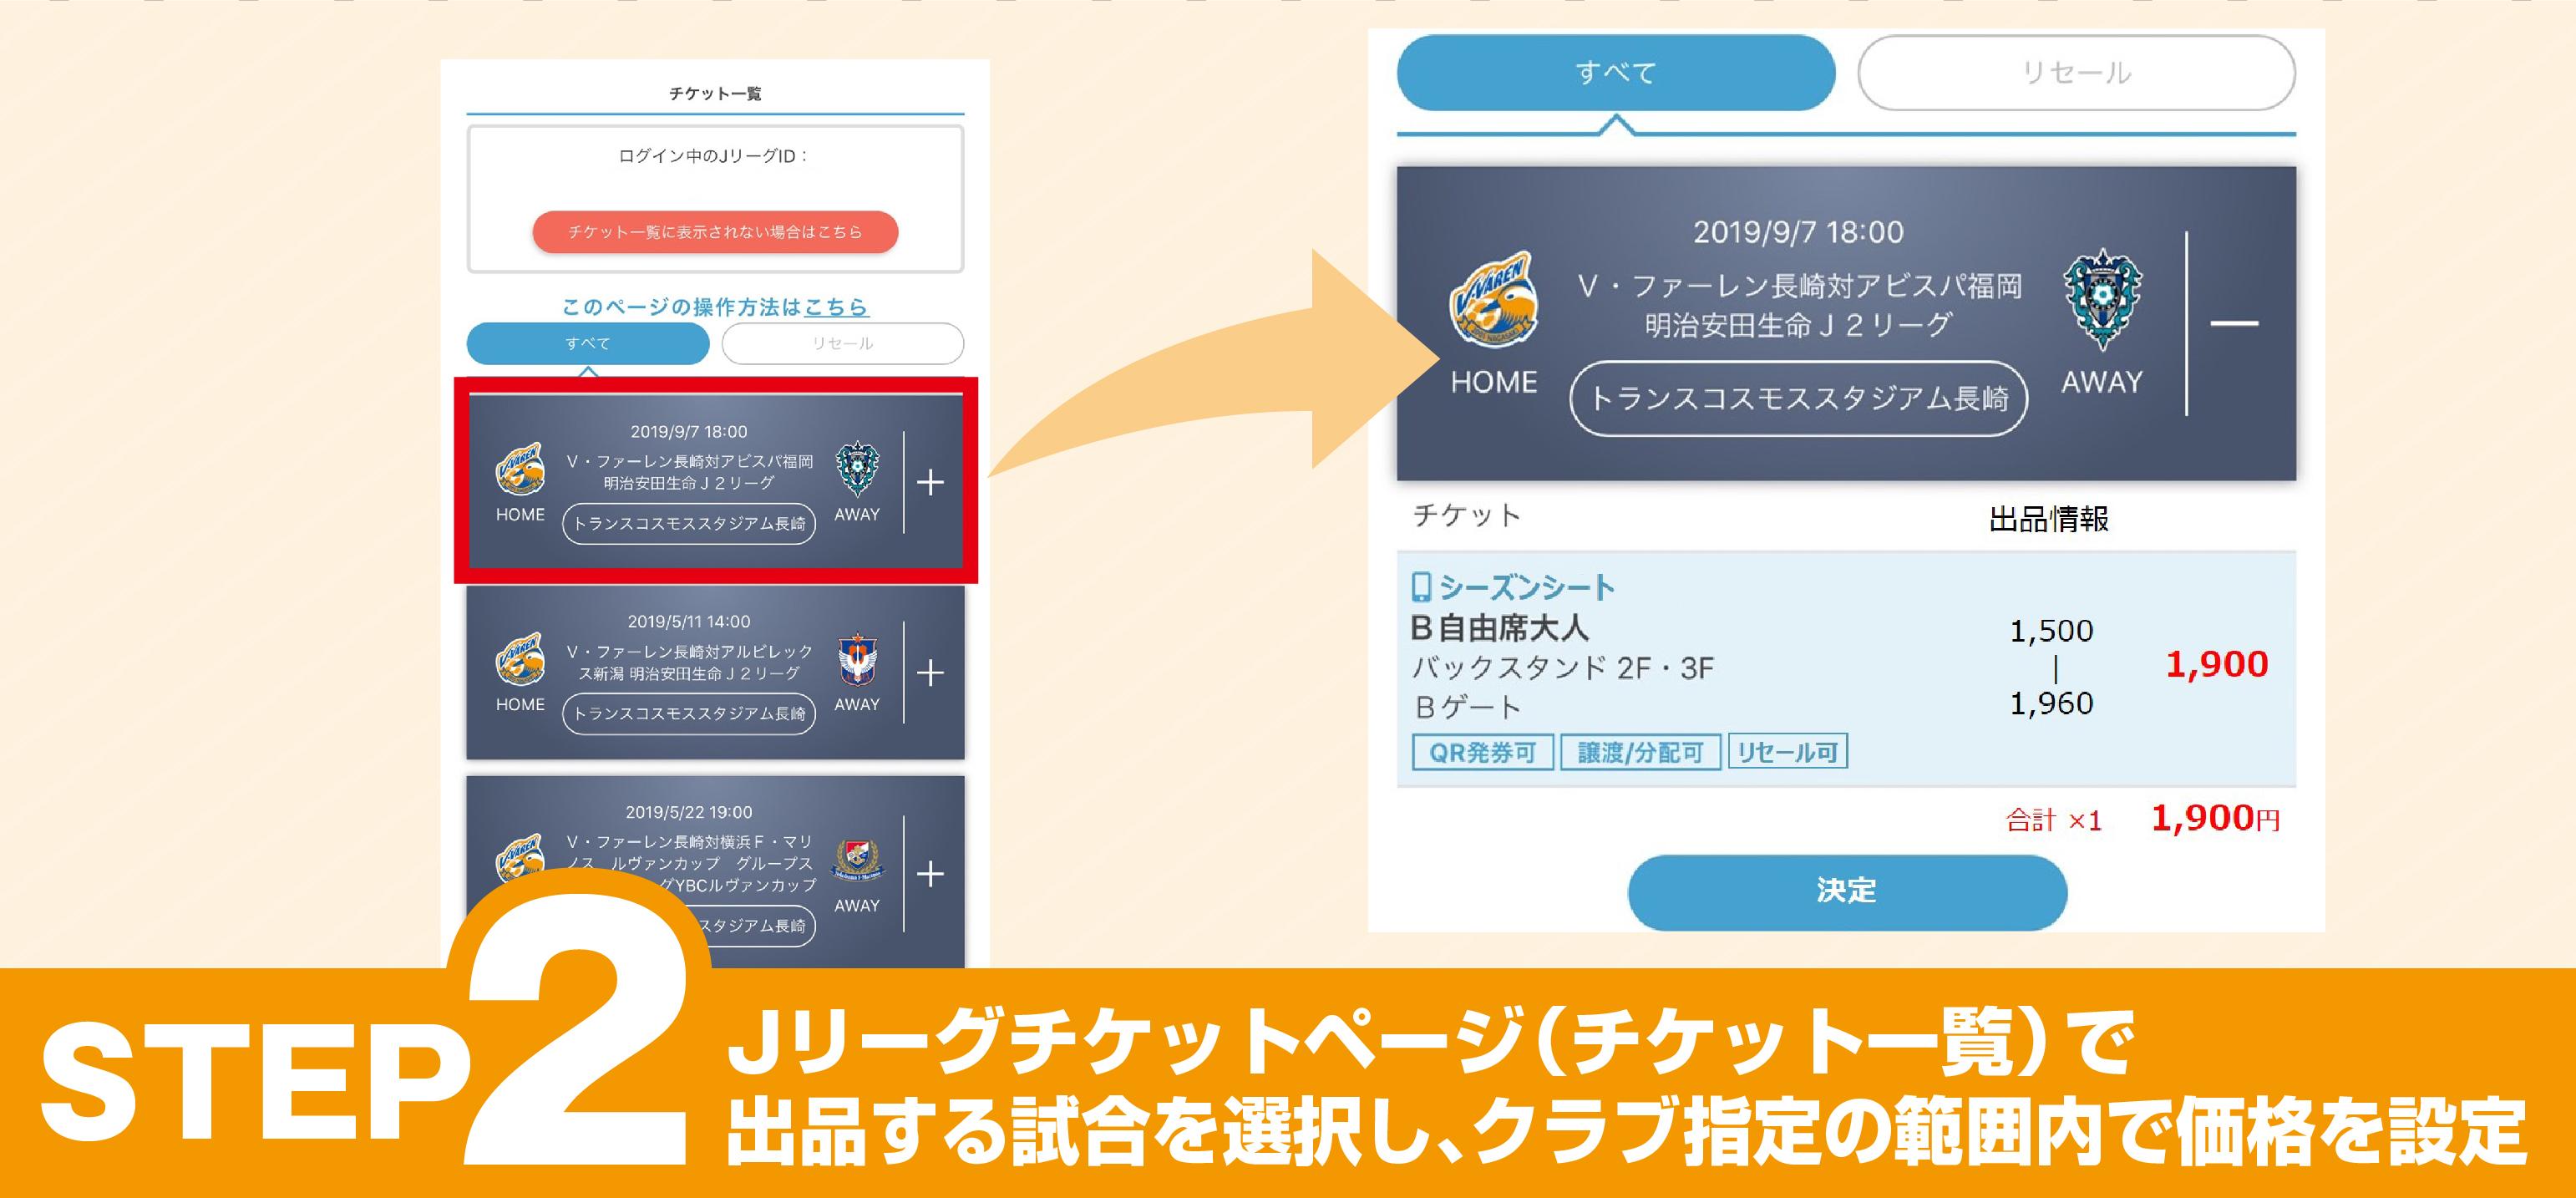 STEP2 Jリーグチケットページ(チケット一覧)で出品する試合を選択し、クラブ指定の範囲内で価格を設定